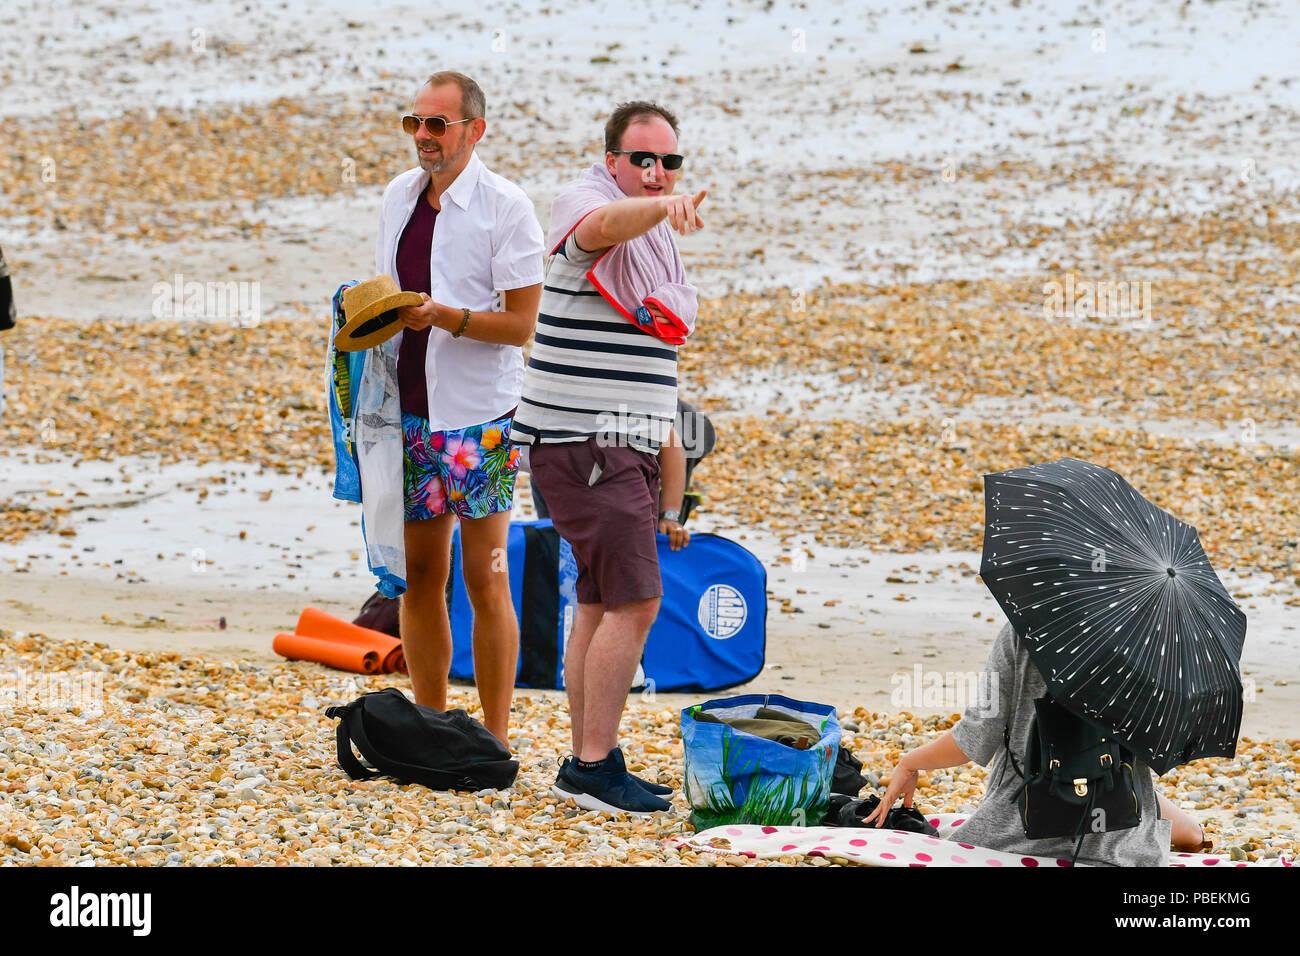 Lyme Regis, Dorset, Großbritannien. 28. Juni 2018. UK Wetter. Urlauber, die Verpackung den Strand zu verlassen, da der Regen beginnt in den Badeort Lyme Regis am ersten Tag der Hauptversammlung der Stadt RNLI lifeboat Woche an einem kühlen, windigen Tag. Foto: Graham Jagd-/Alamy leben Nachrichten Stockbild